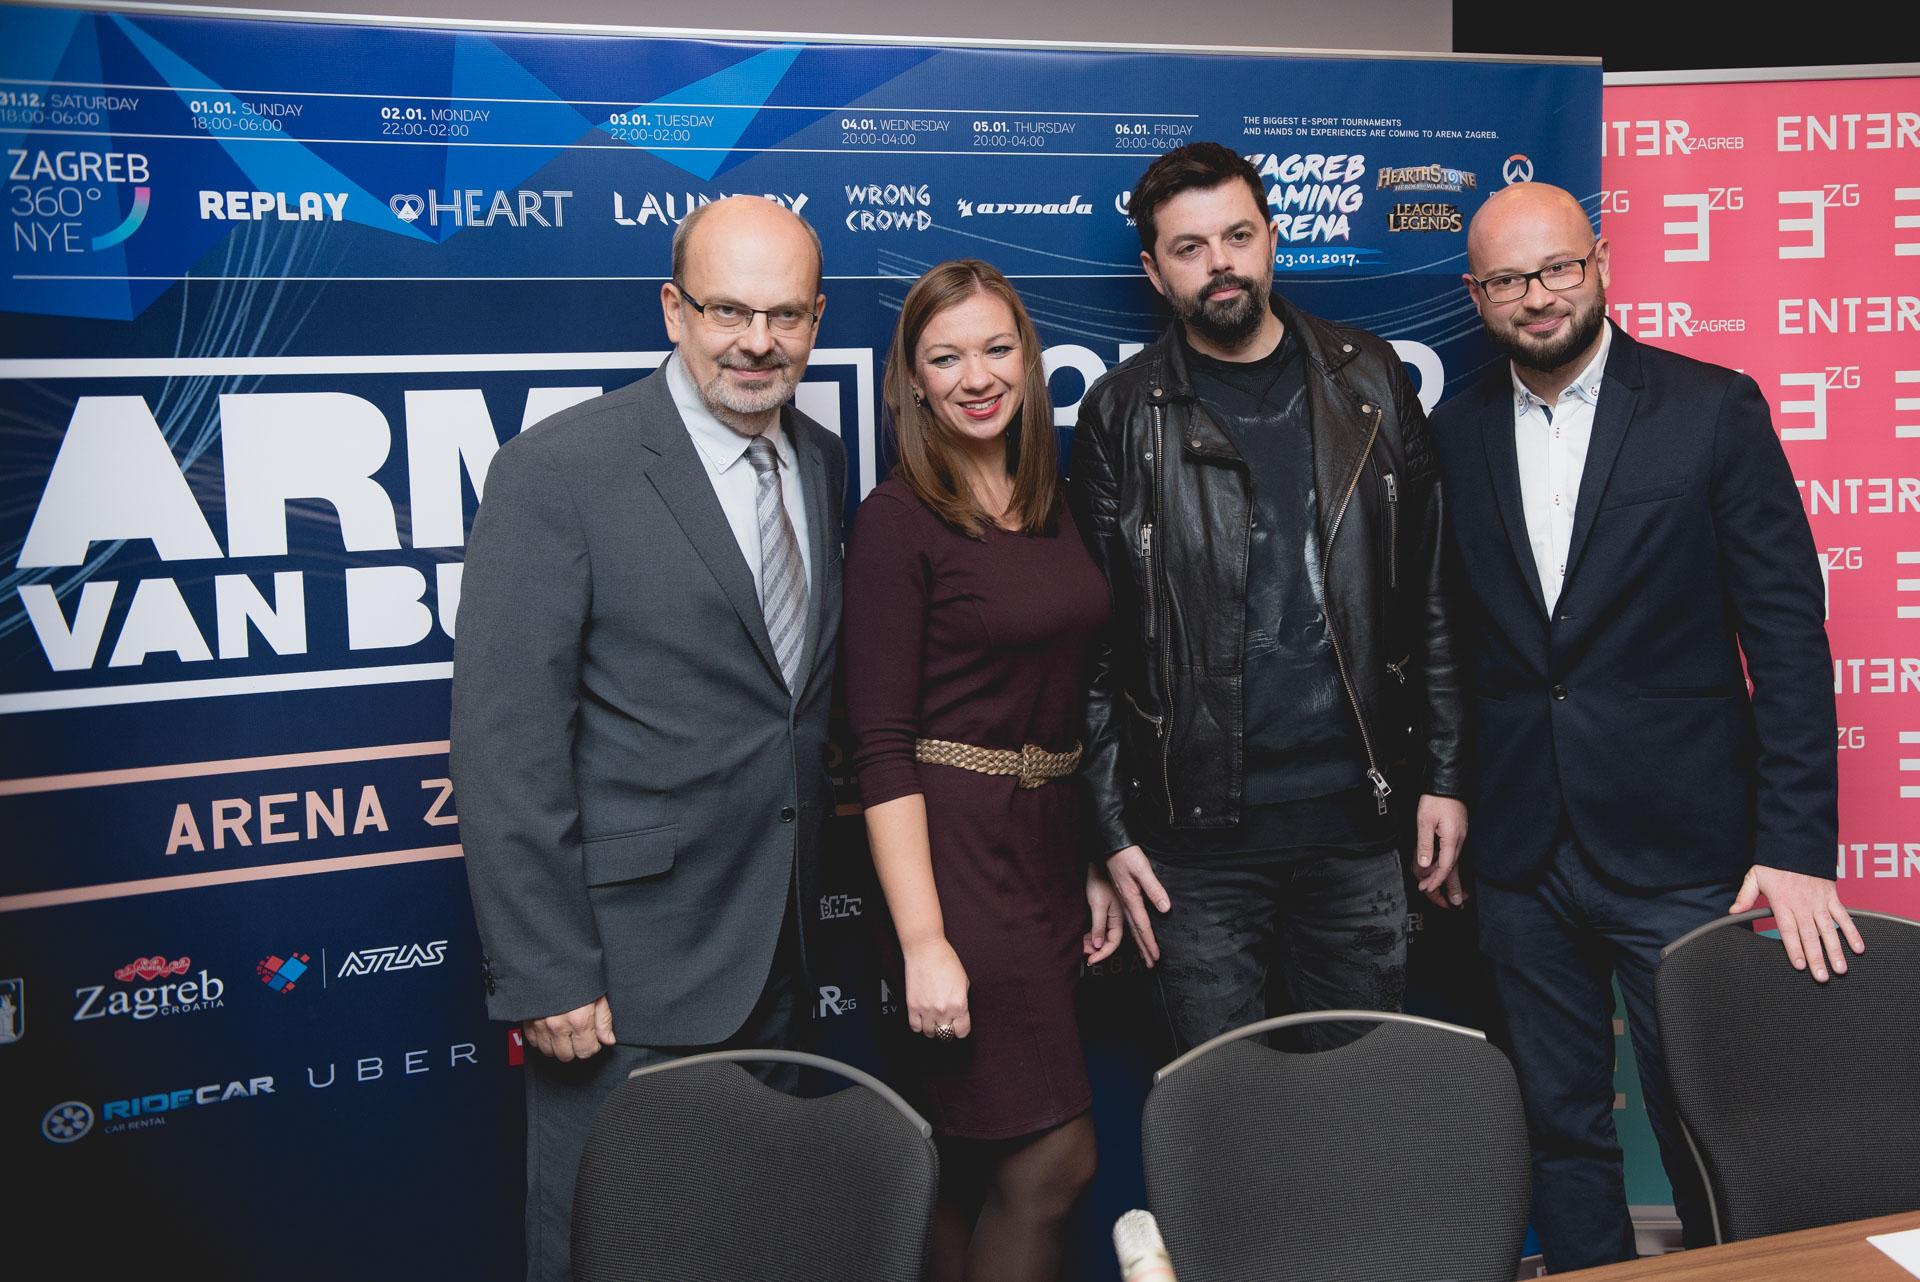 Photo of ARENA ZAGREB Spektakularni doček Nove godine i još šest velikih partyja u Zagrebu